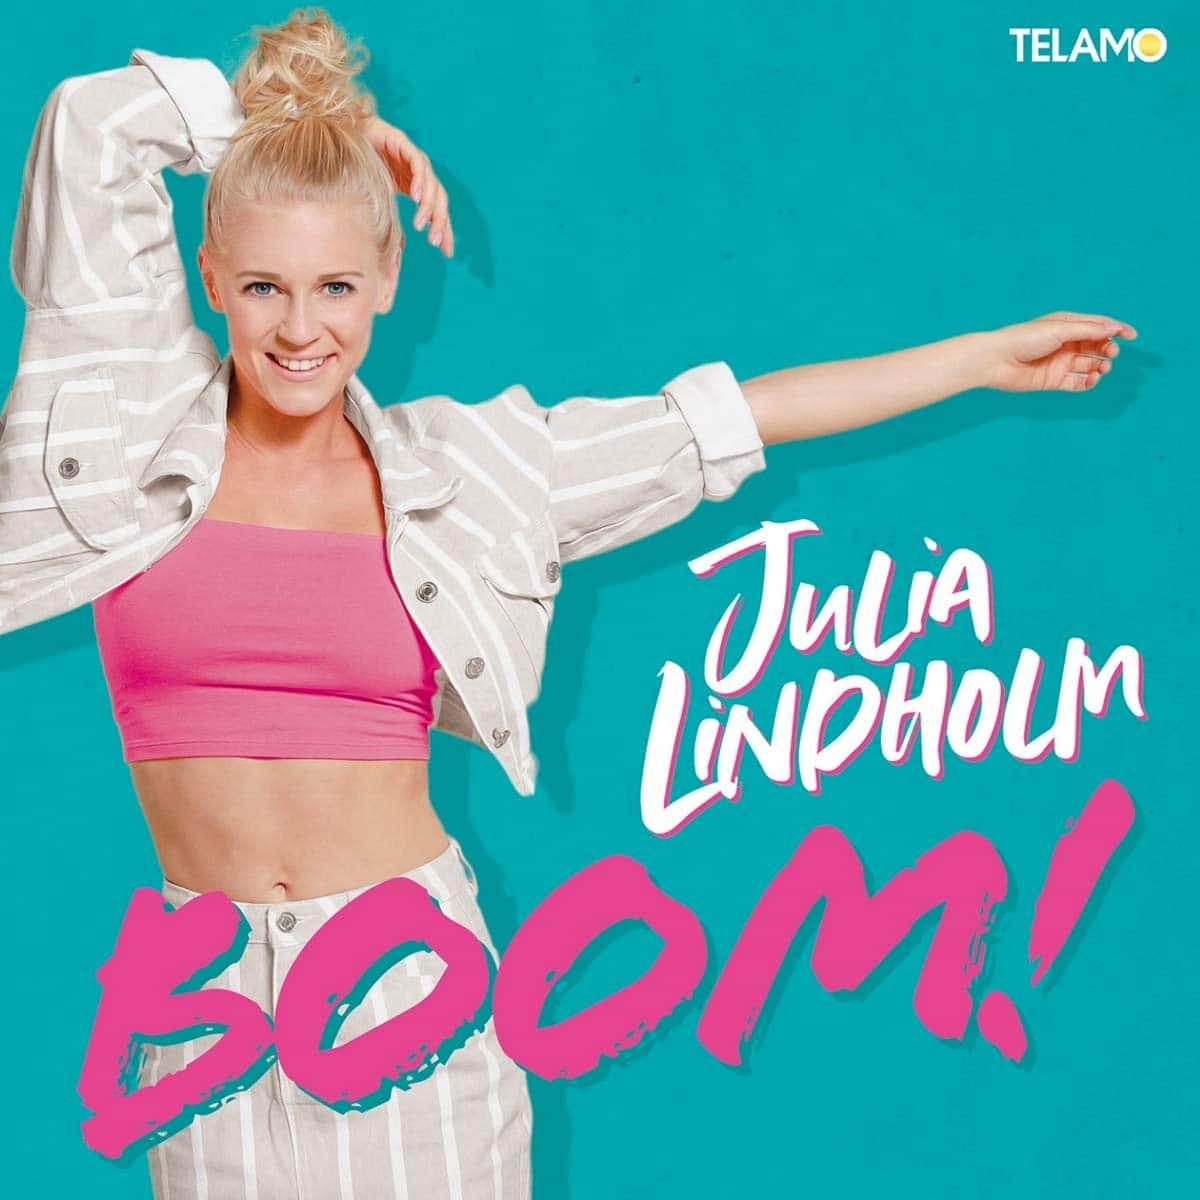 Julia Lindholm veröffentlicht neue Schlager-CD Boom!